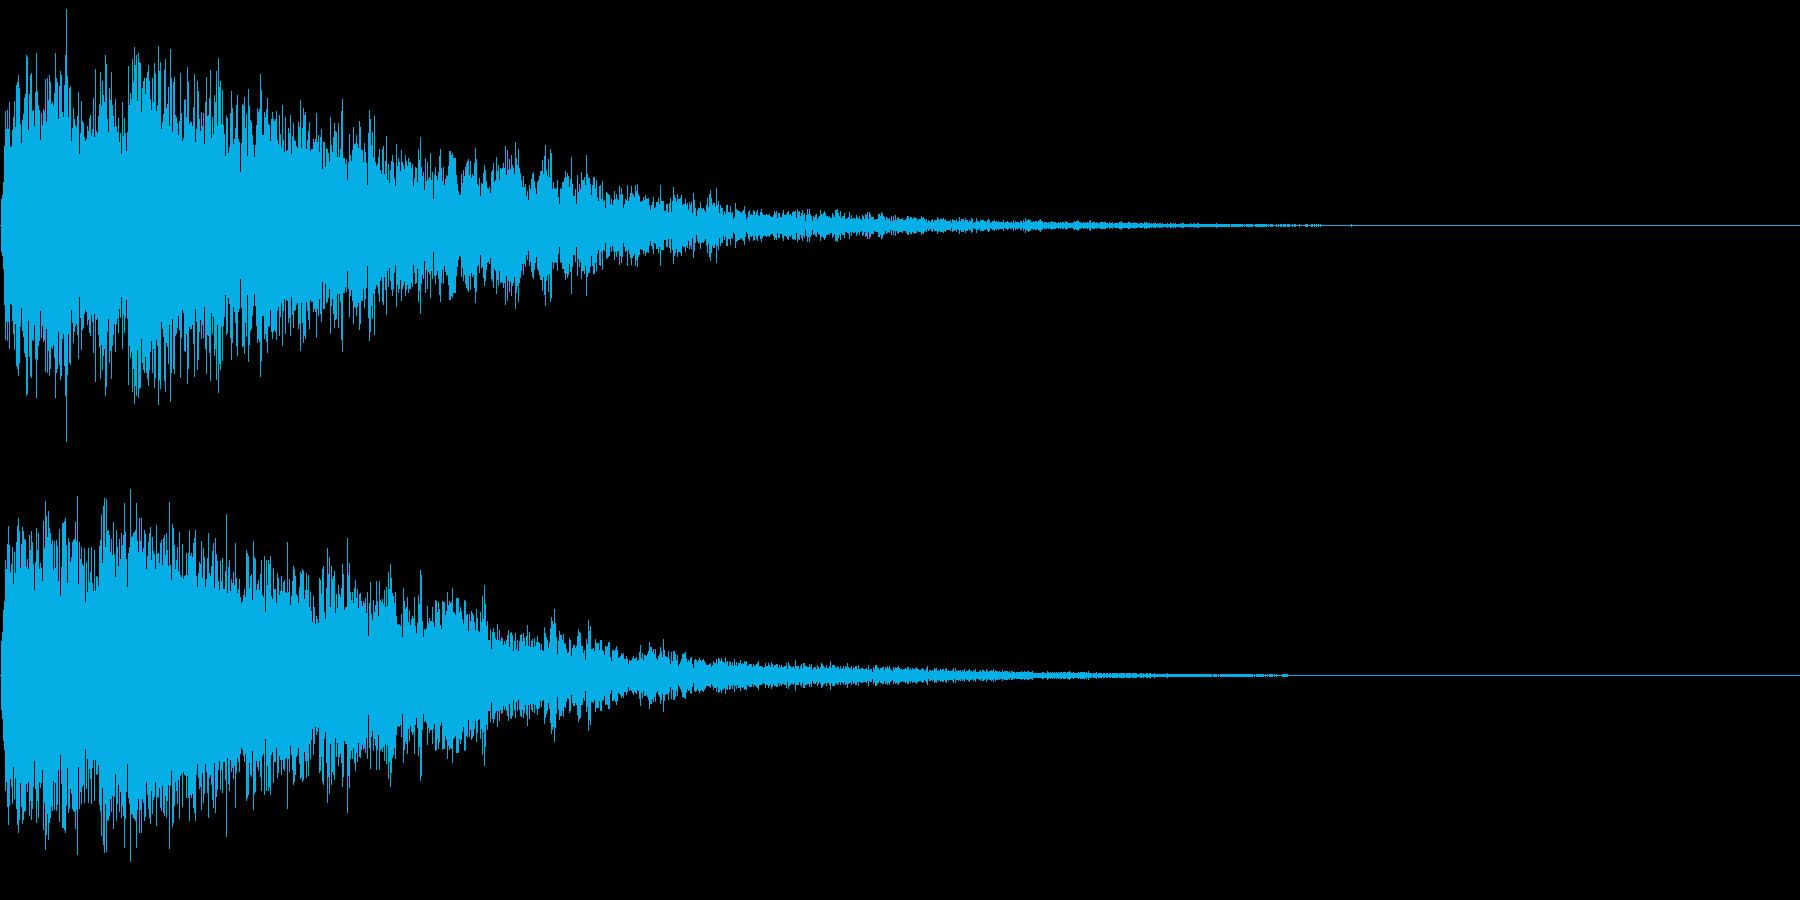 【ホラー】キュンッ! バチーンッ・・・の再生済みの波形